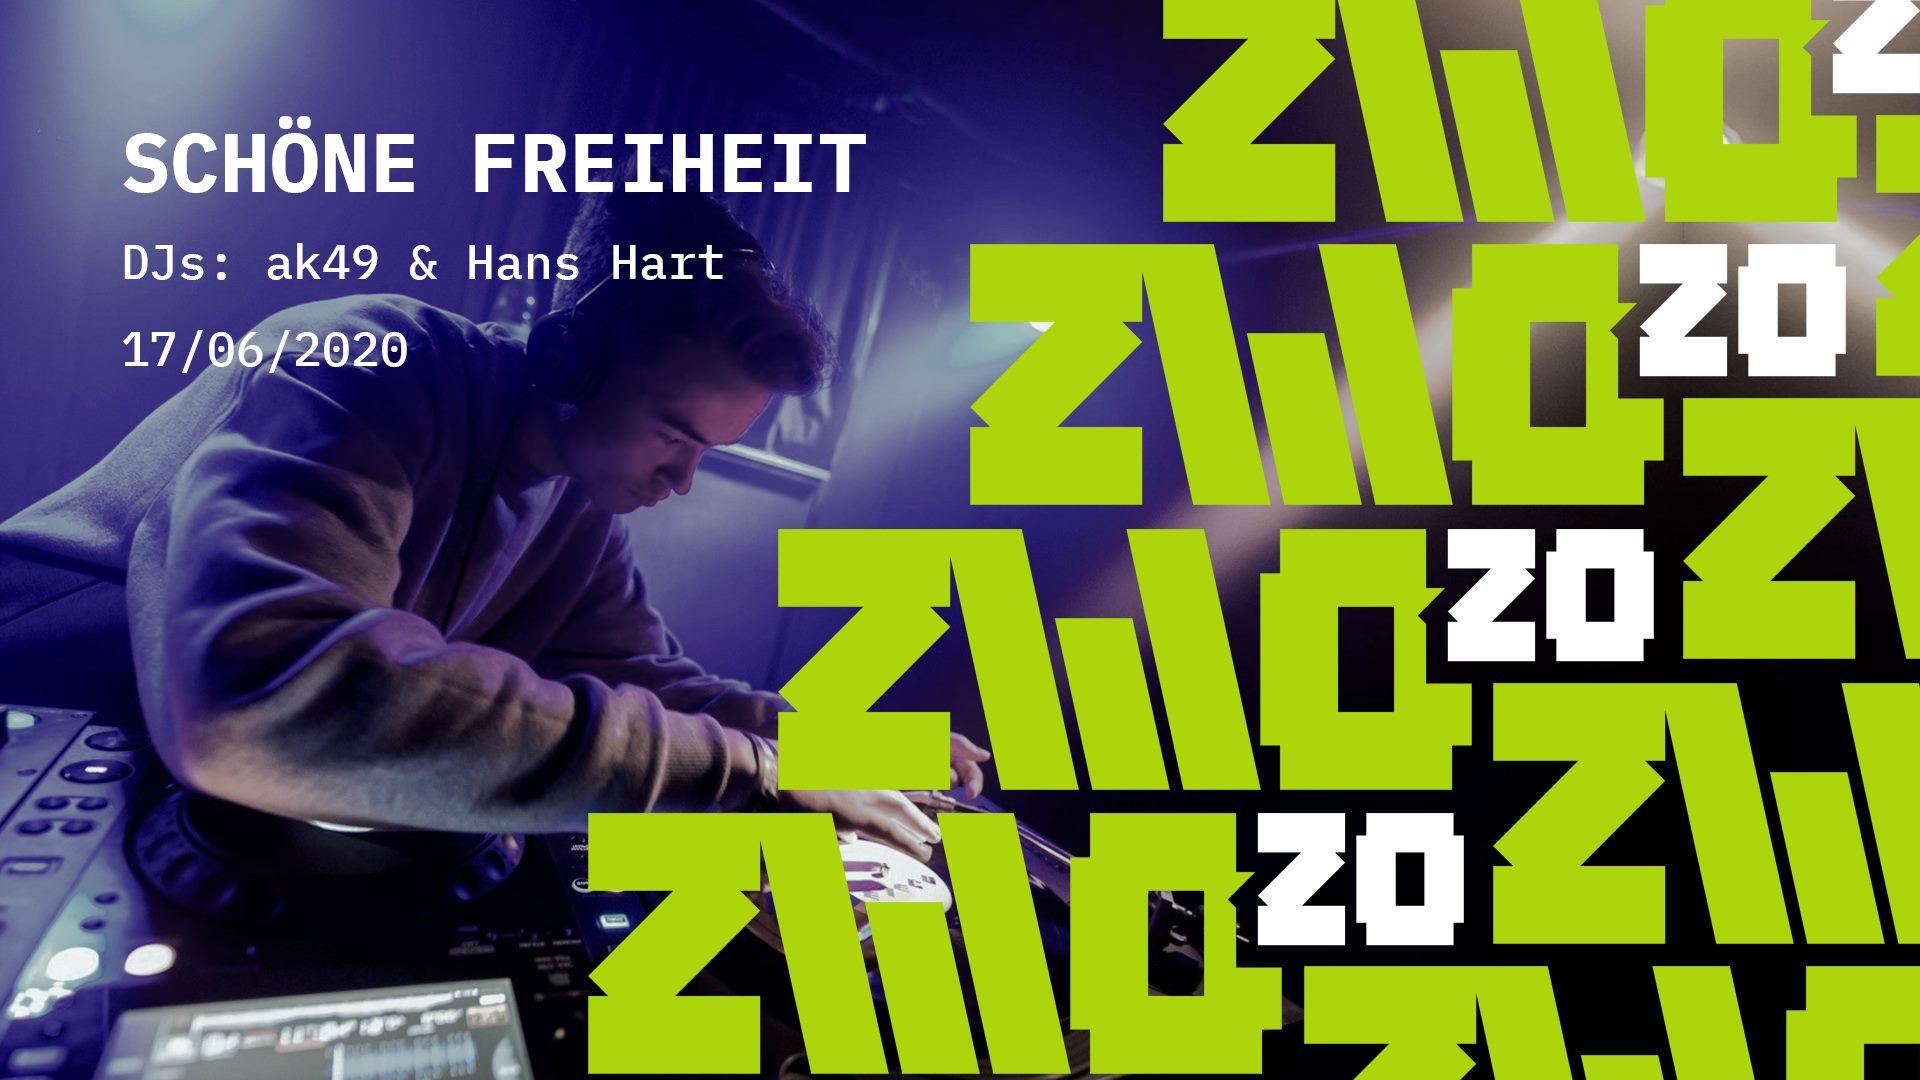 ZWO20 • Schöne Freiheit • ak49 & Hans Hart